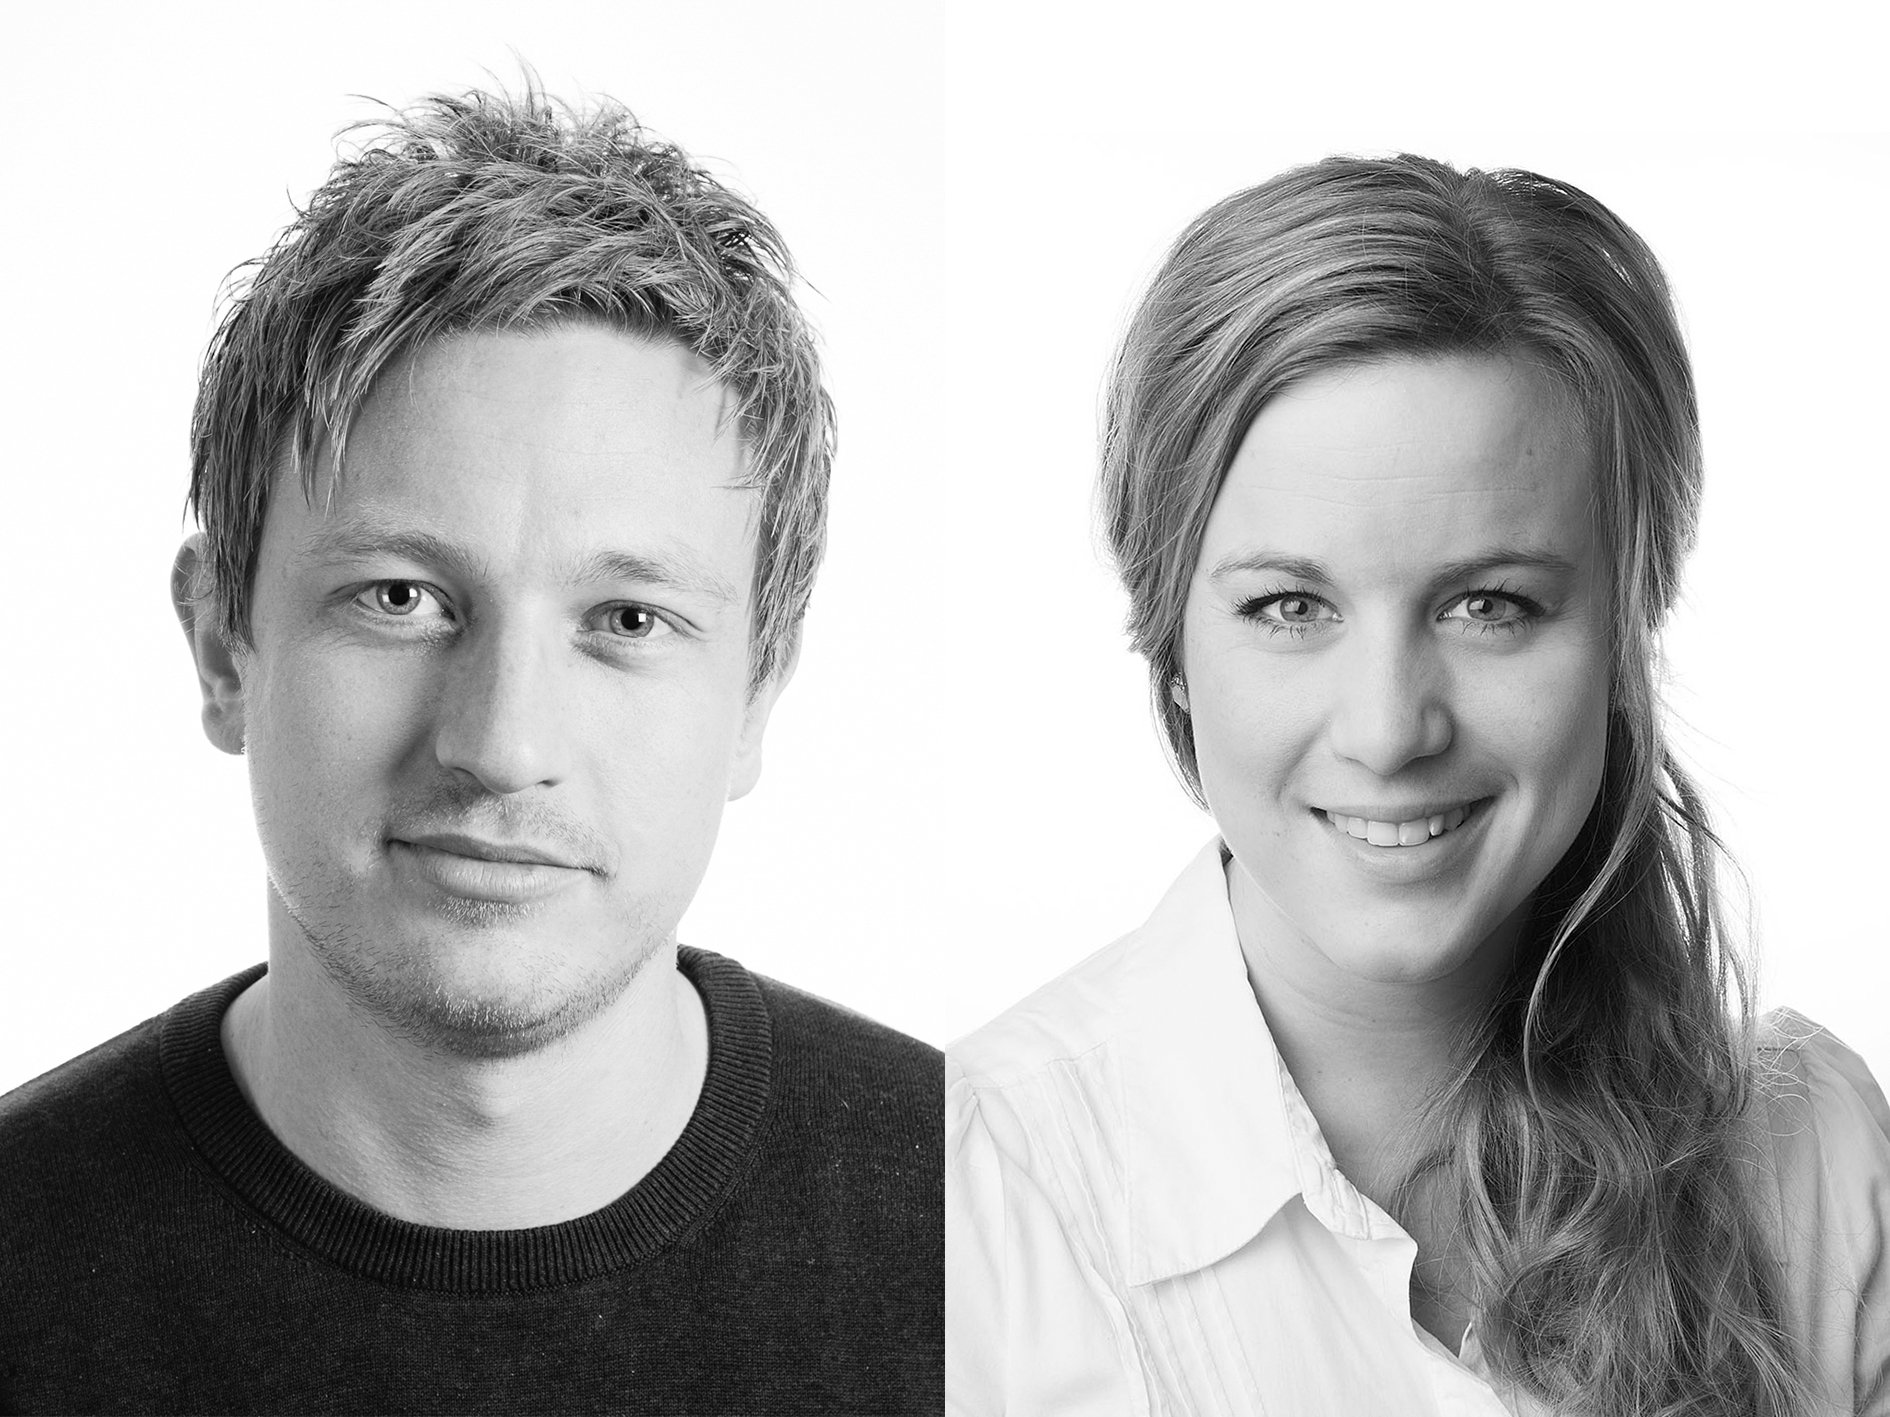 Nils Christian Tvedt Karlsen og Elisabeth Taller Ulseth. Foto: Tone Tvedt